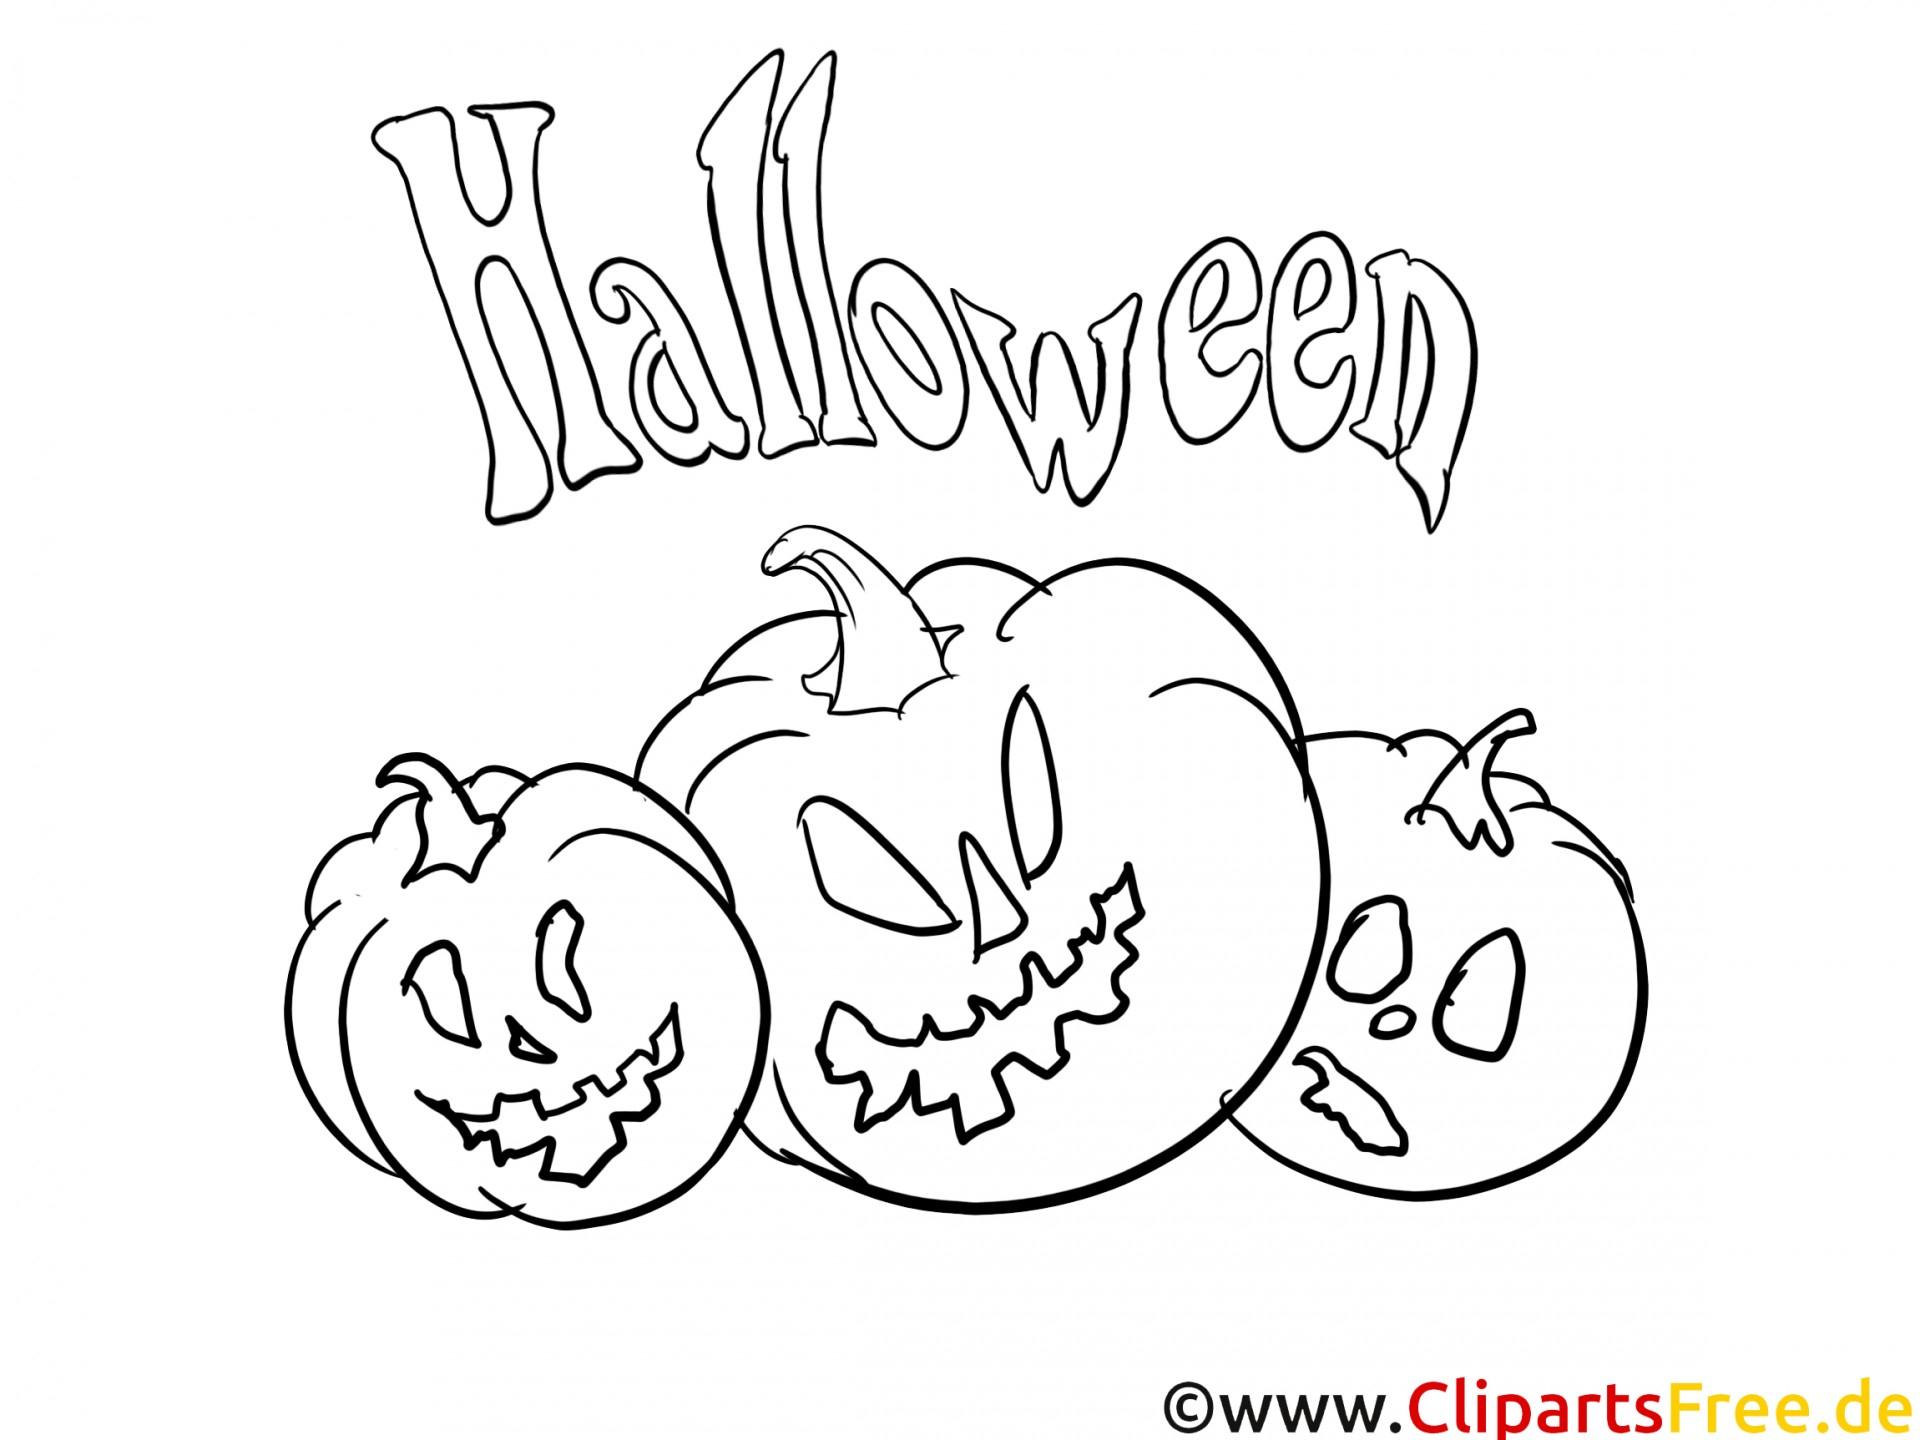 Halloween Ausmalbilder Kostenlos Ausdrucken Archives Uber ganzes Halloween Ausmalbilder Zum Ausdrucken